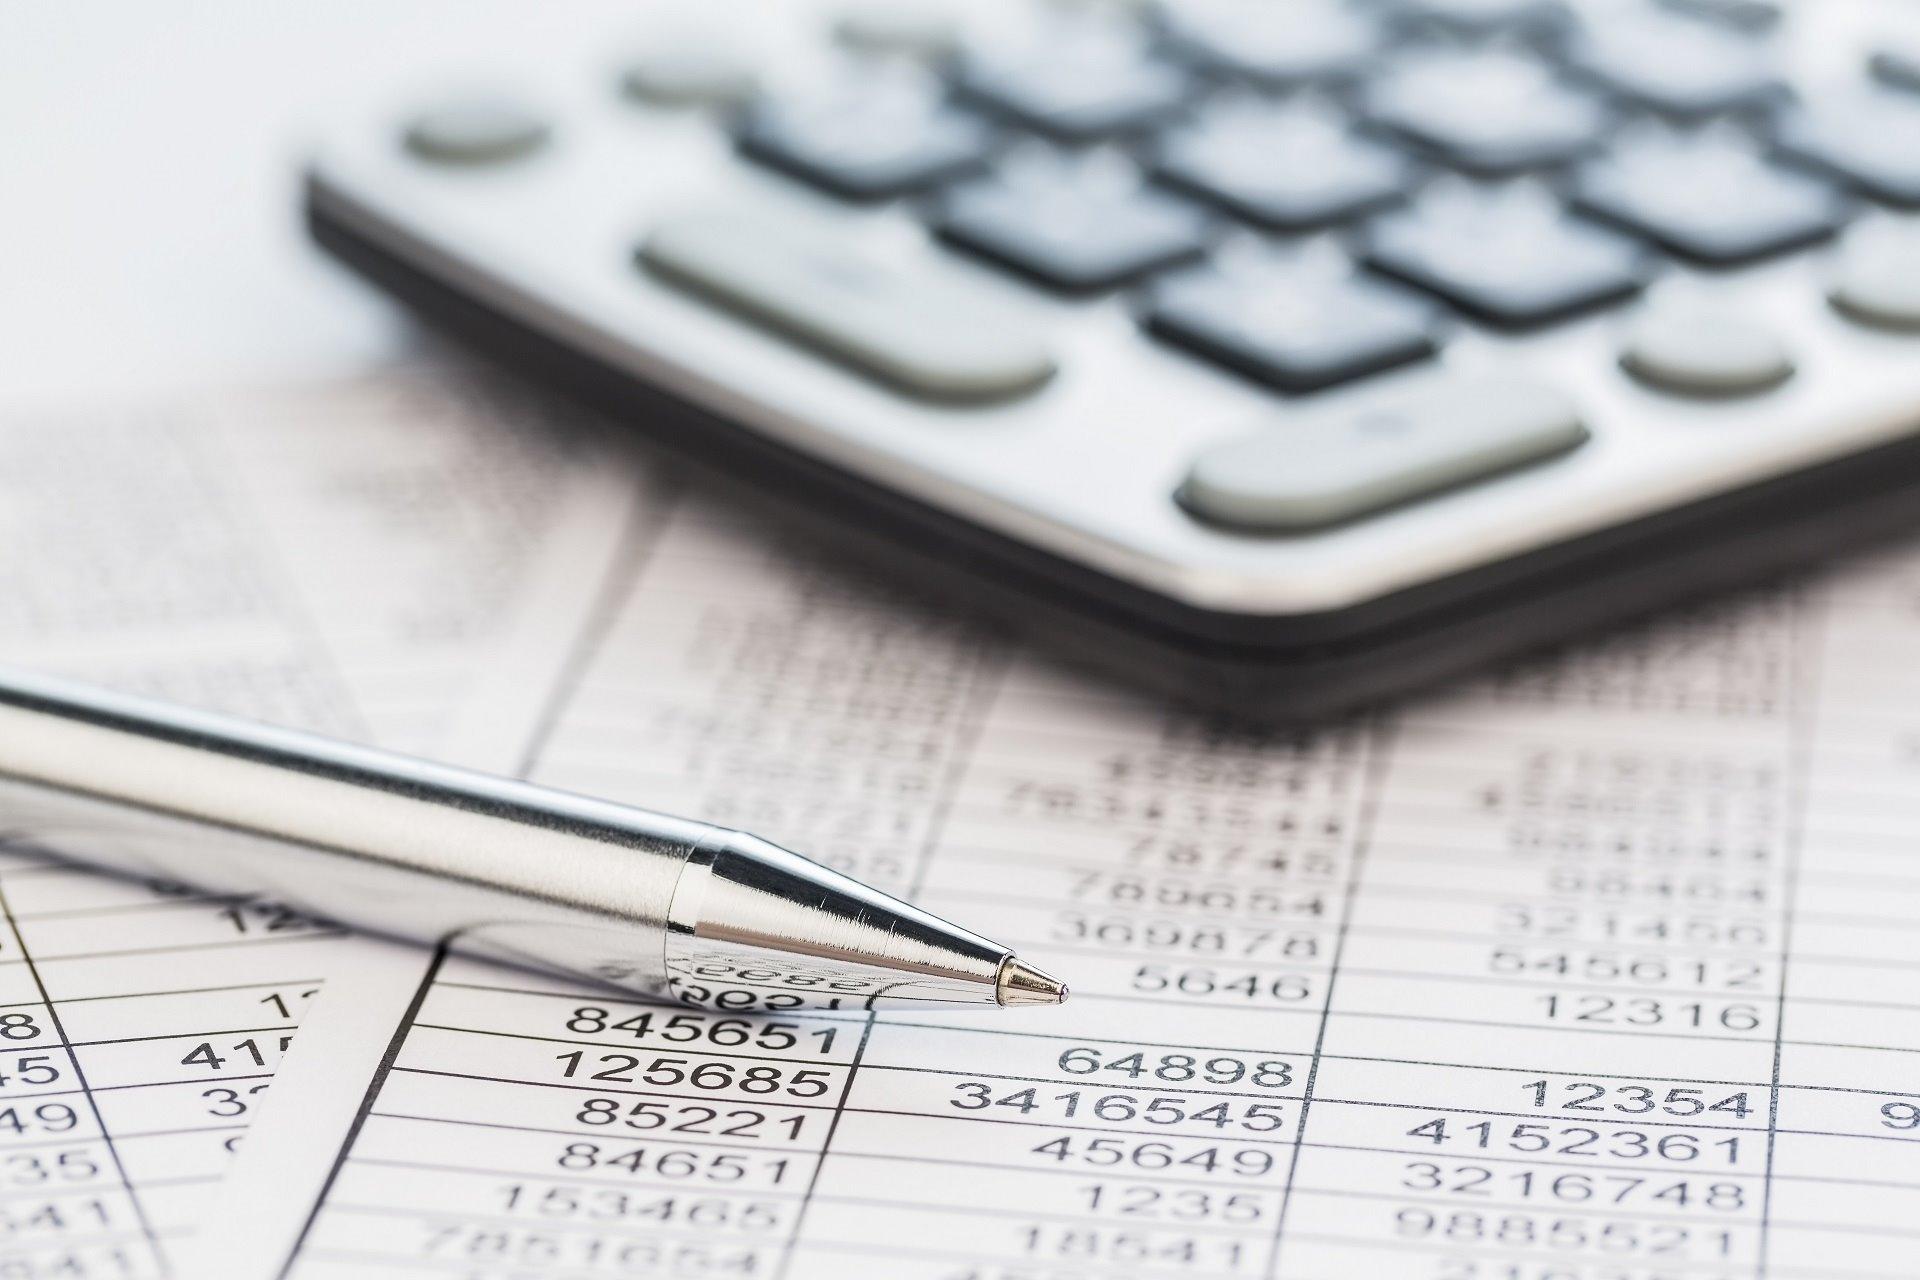 İşletme Projesi (Bütçe) Tebliği ve Önemi